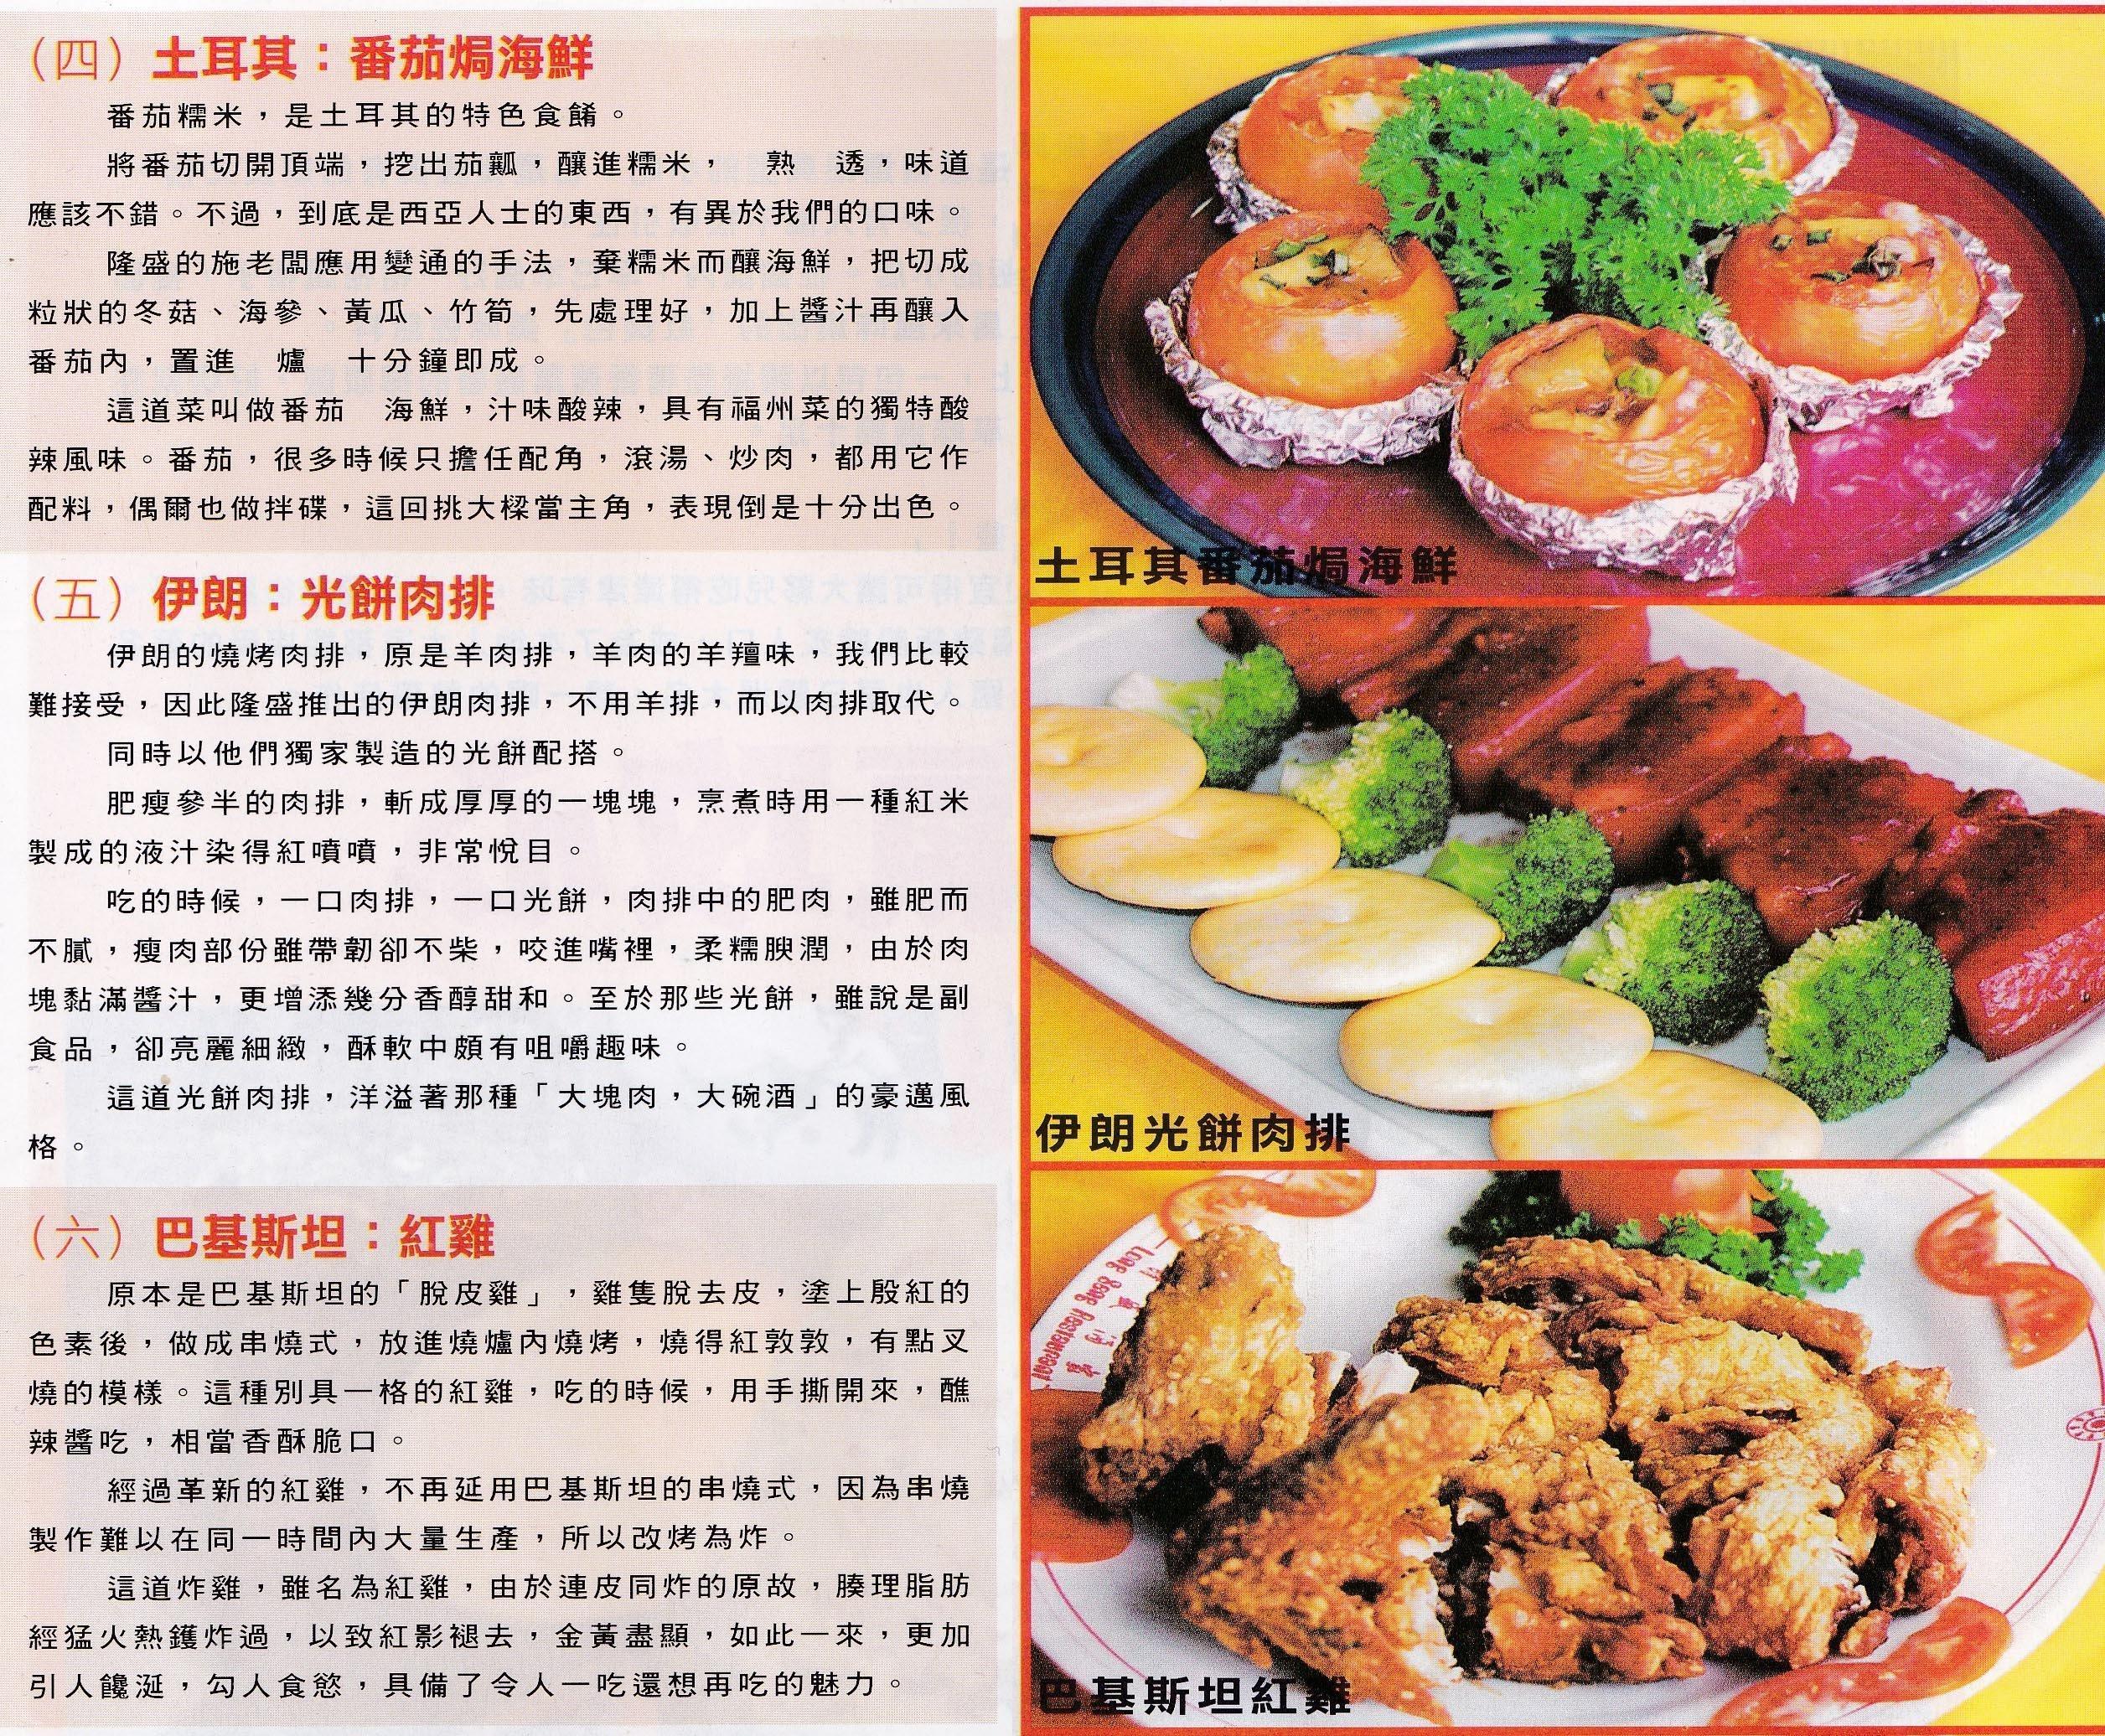 马来西亚食神-施文康 各国菜